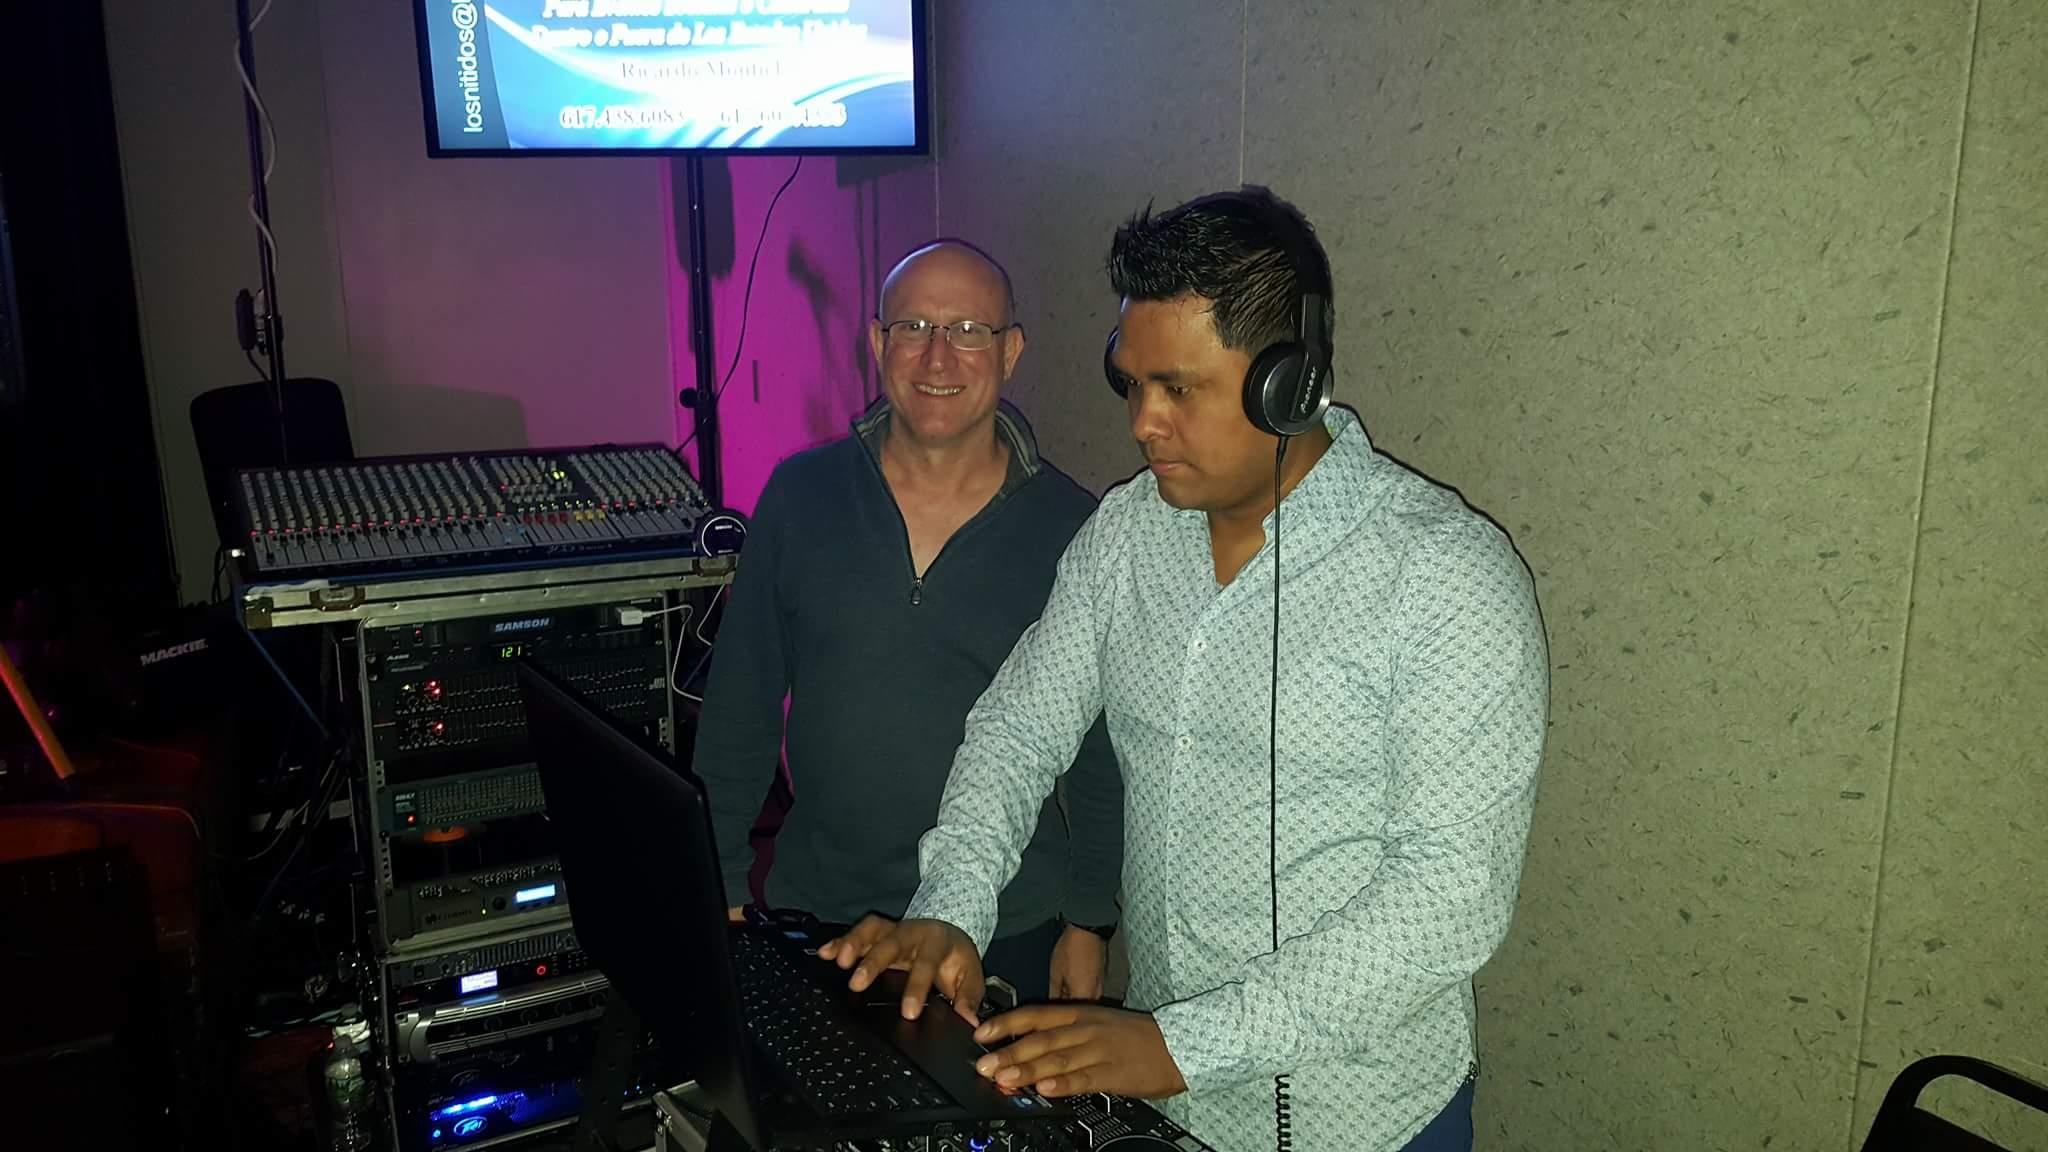 Humberto y Mega dj.